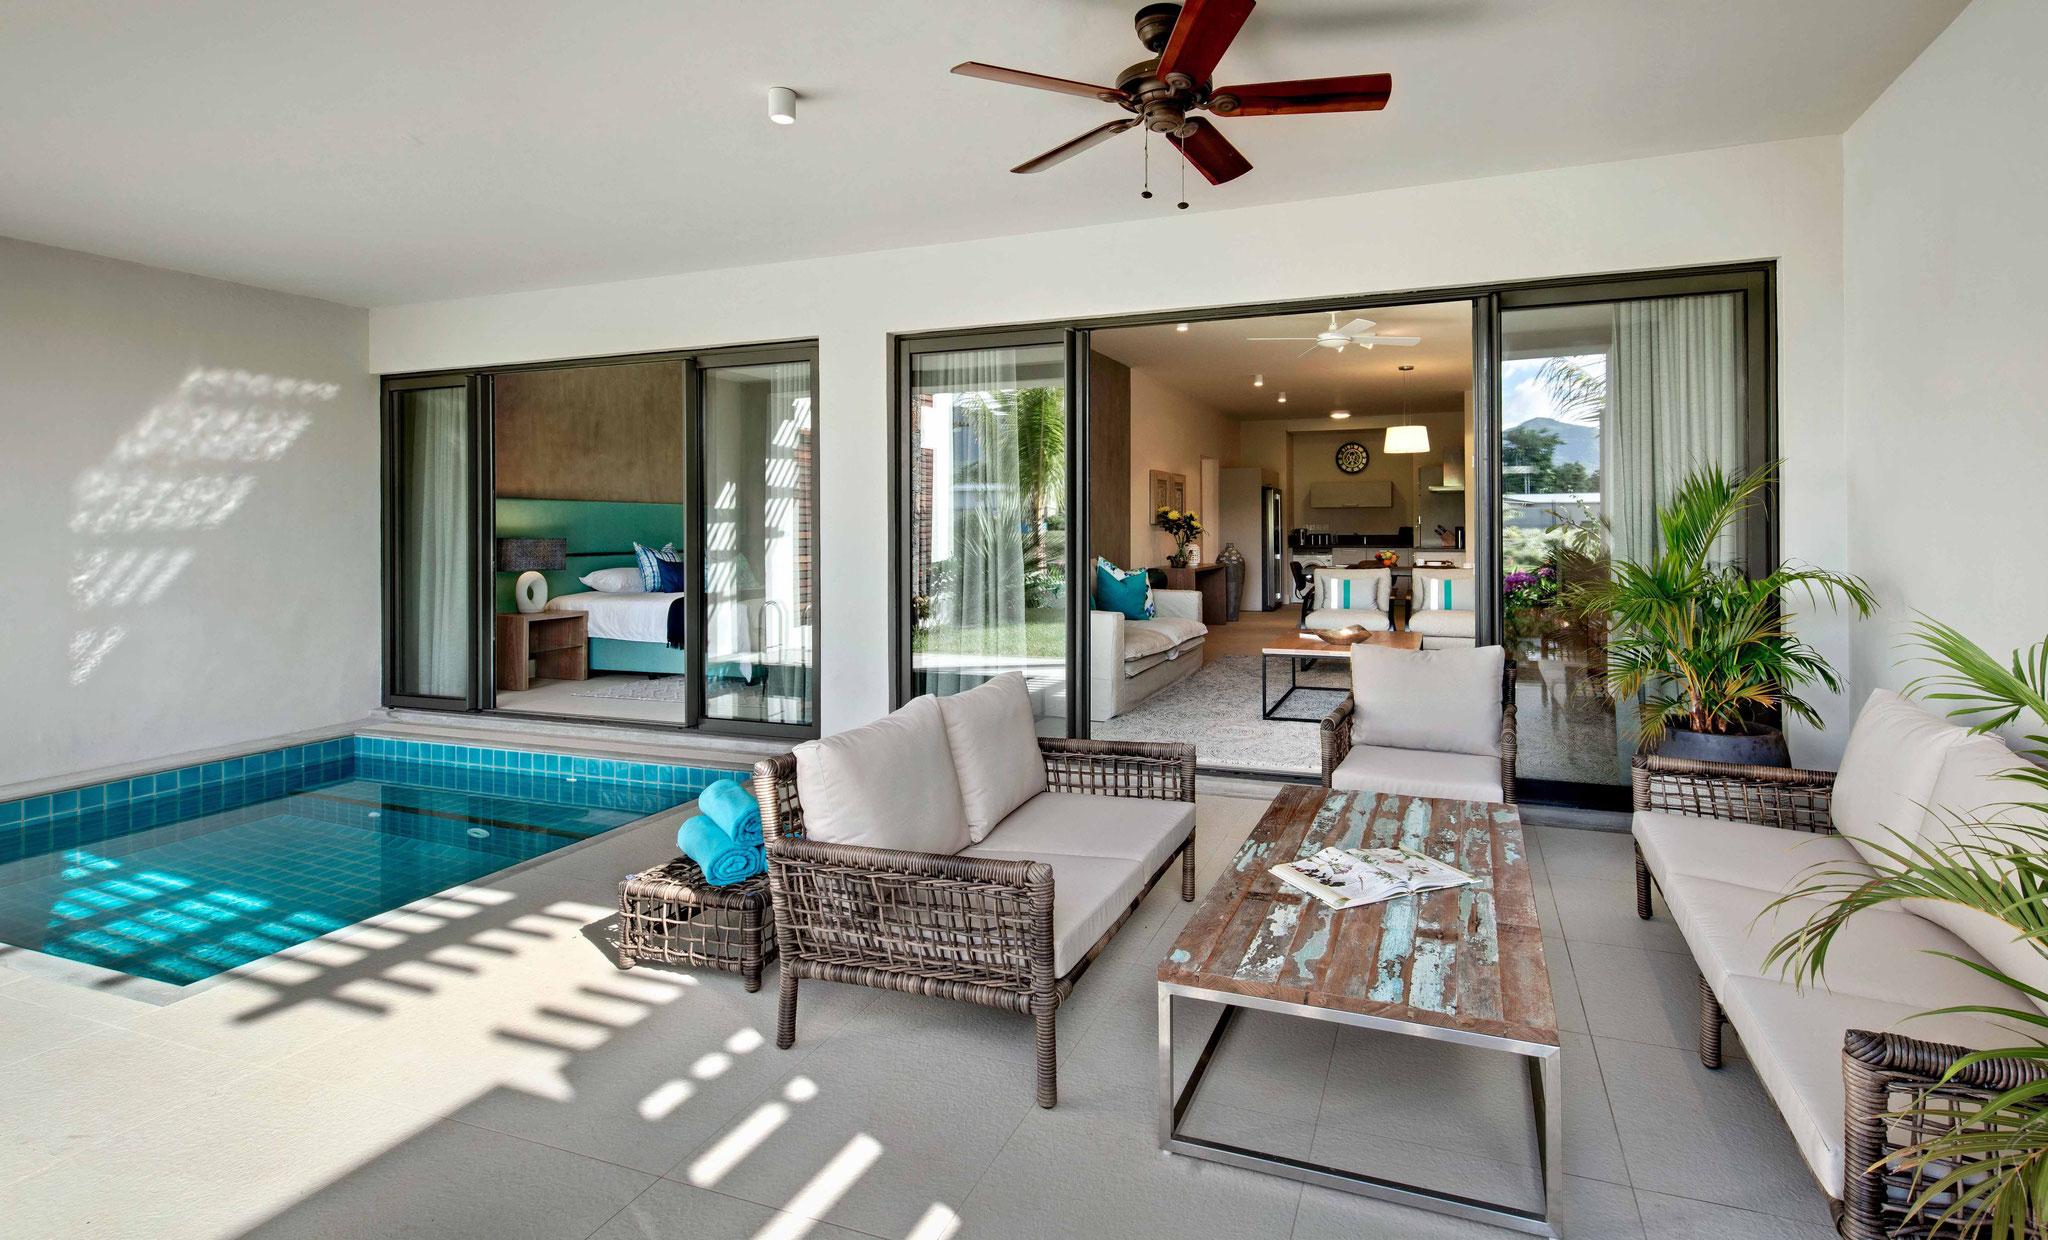 achat et vente immobilier appartement meublé livraison 2017 et 2018 JINVESTY ILE MAURICE